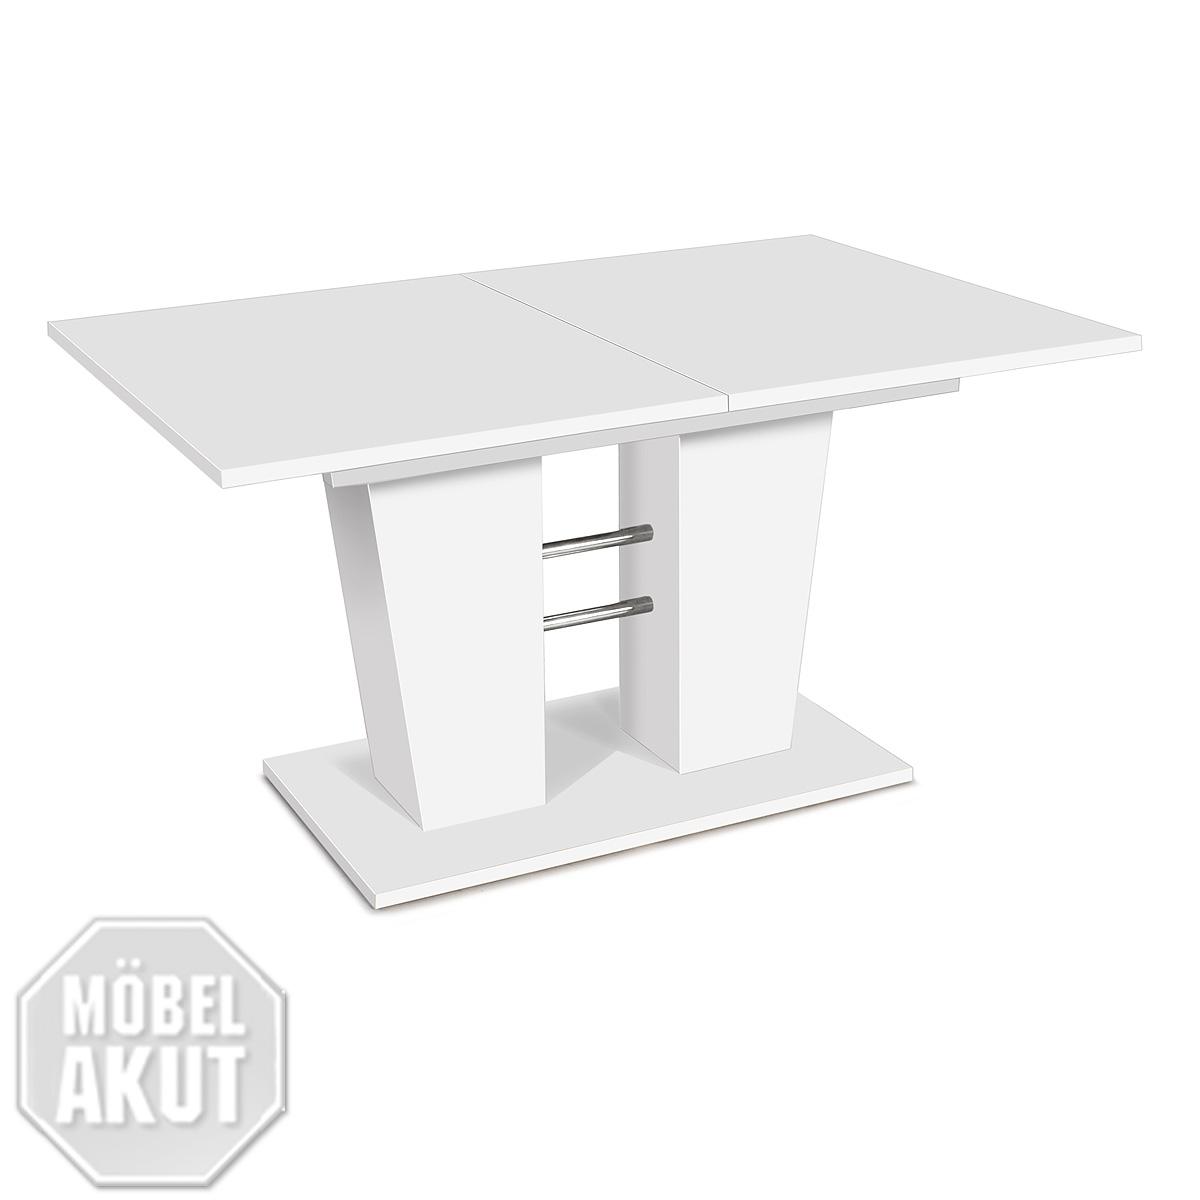 esstisch breda tisch ausziehbar 140 180x90 farbwahl wei eiche kernnuss ebay. Black Bedroom Furniture Sets. Home Design Ideas